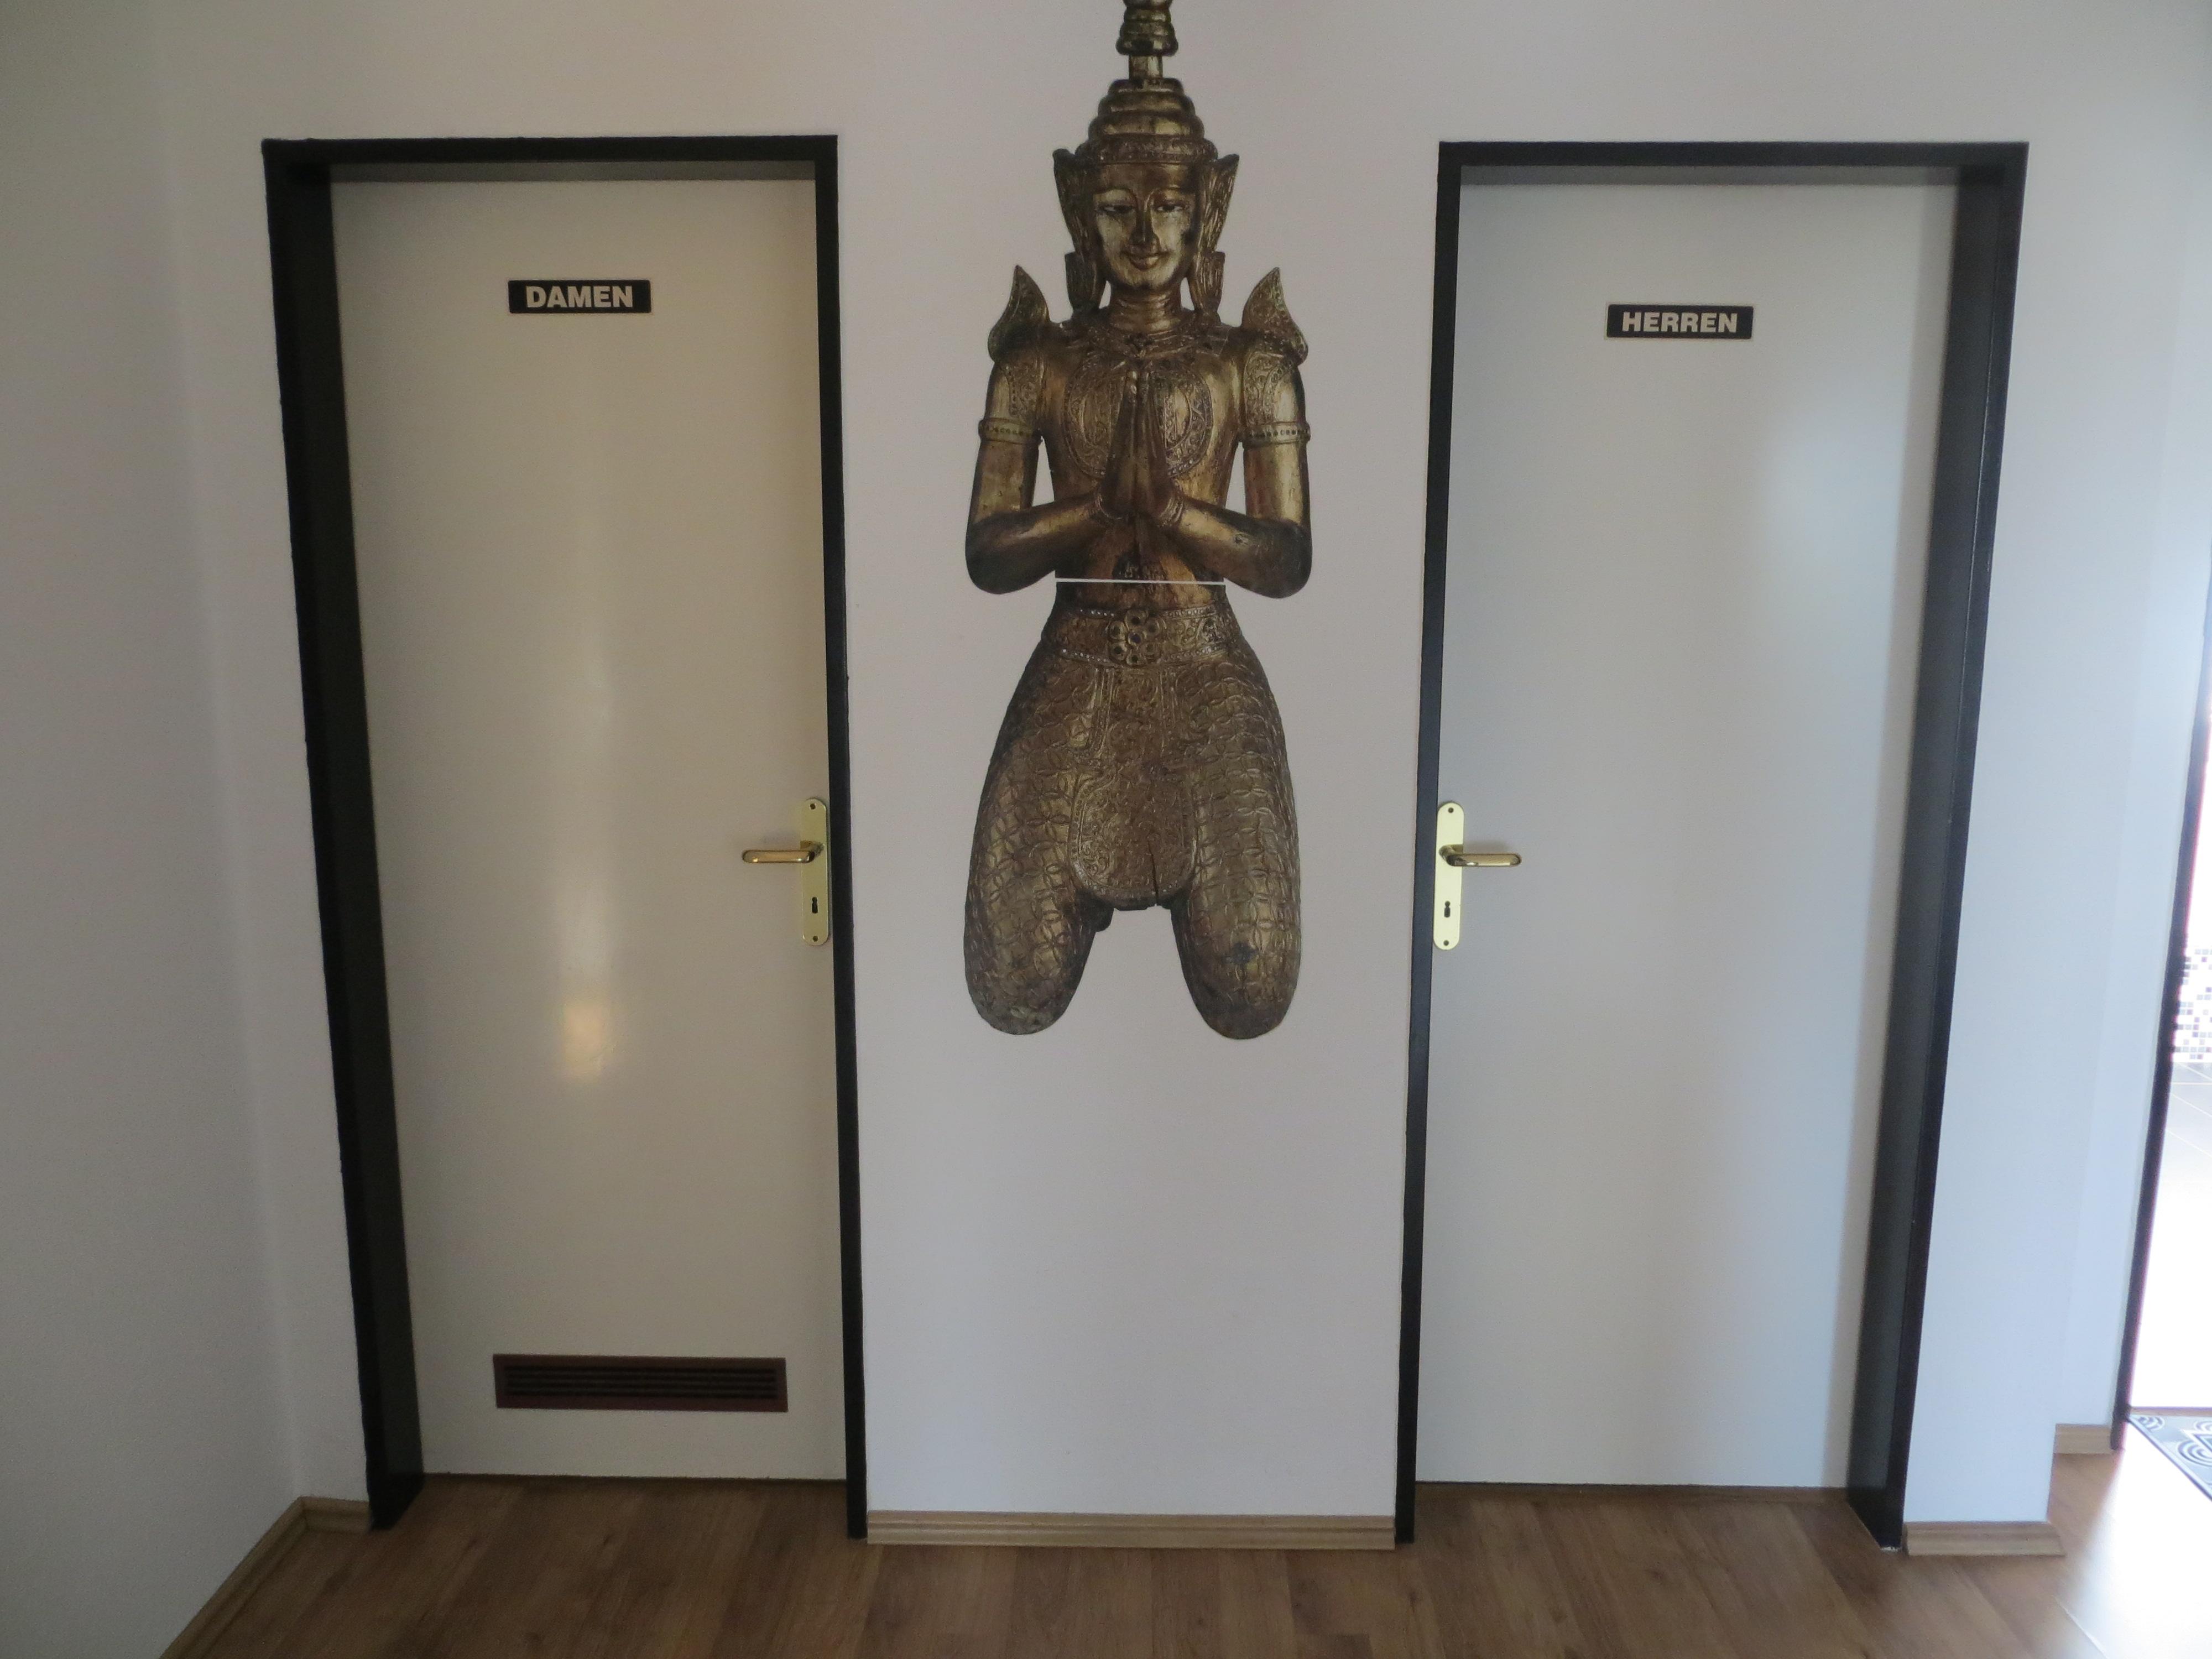 TOALETTLØSNINGEN PÅ HOTELLROMMET I ESSEN